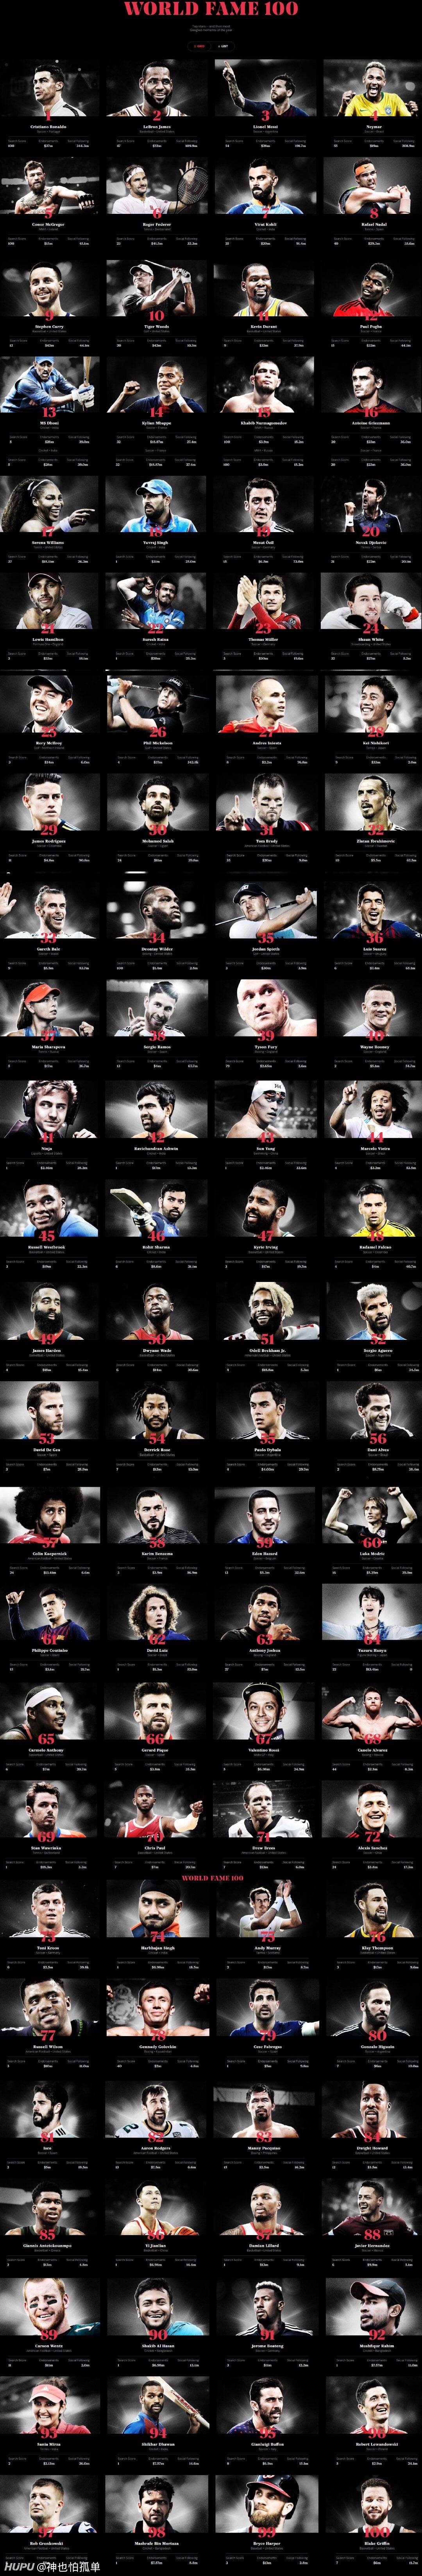 2019运动员排行榜_2019球员薪水TOP10:梅西C罗领衔排行榜,第一联赛仅2人上